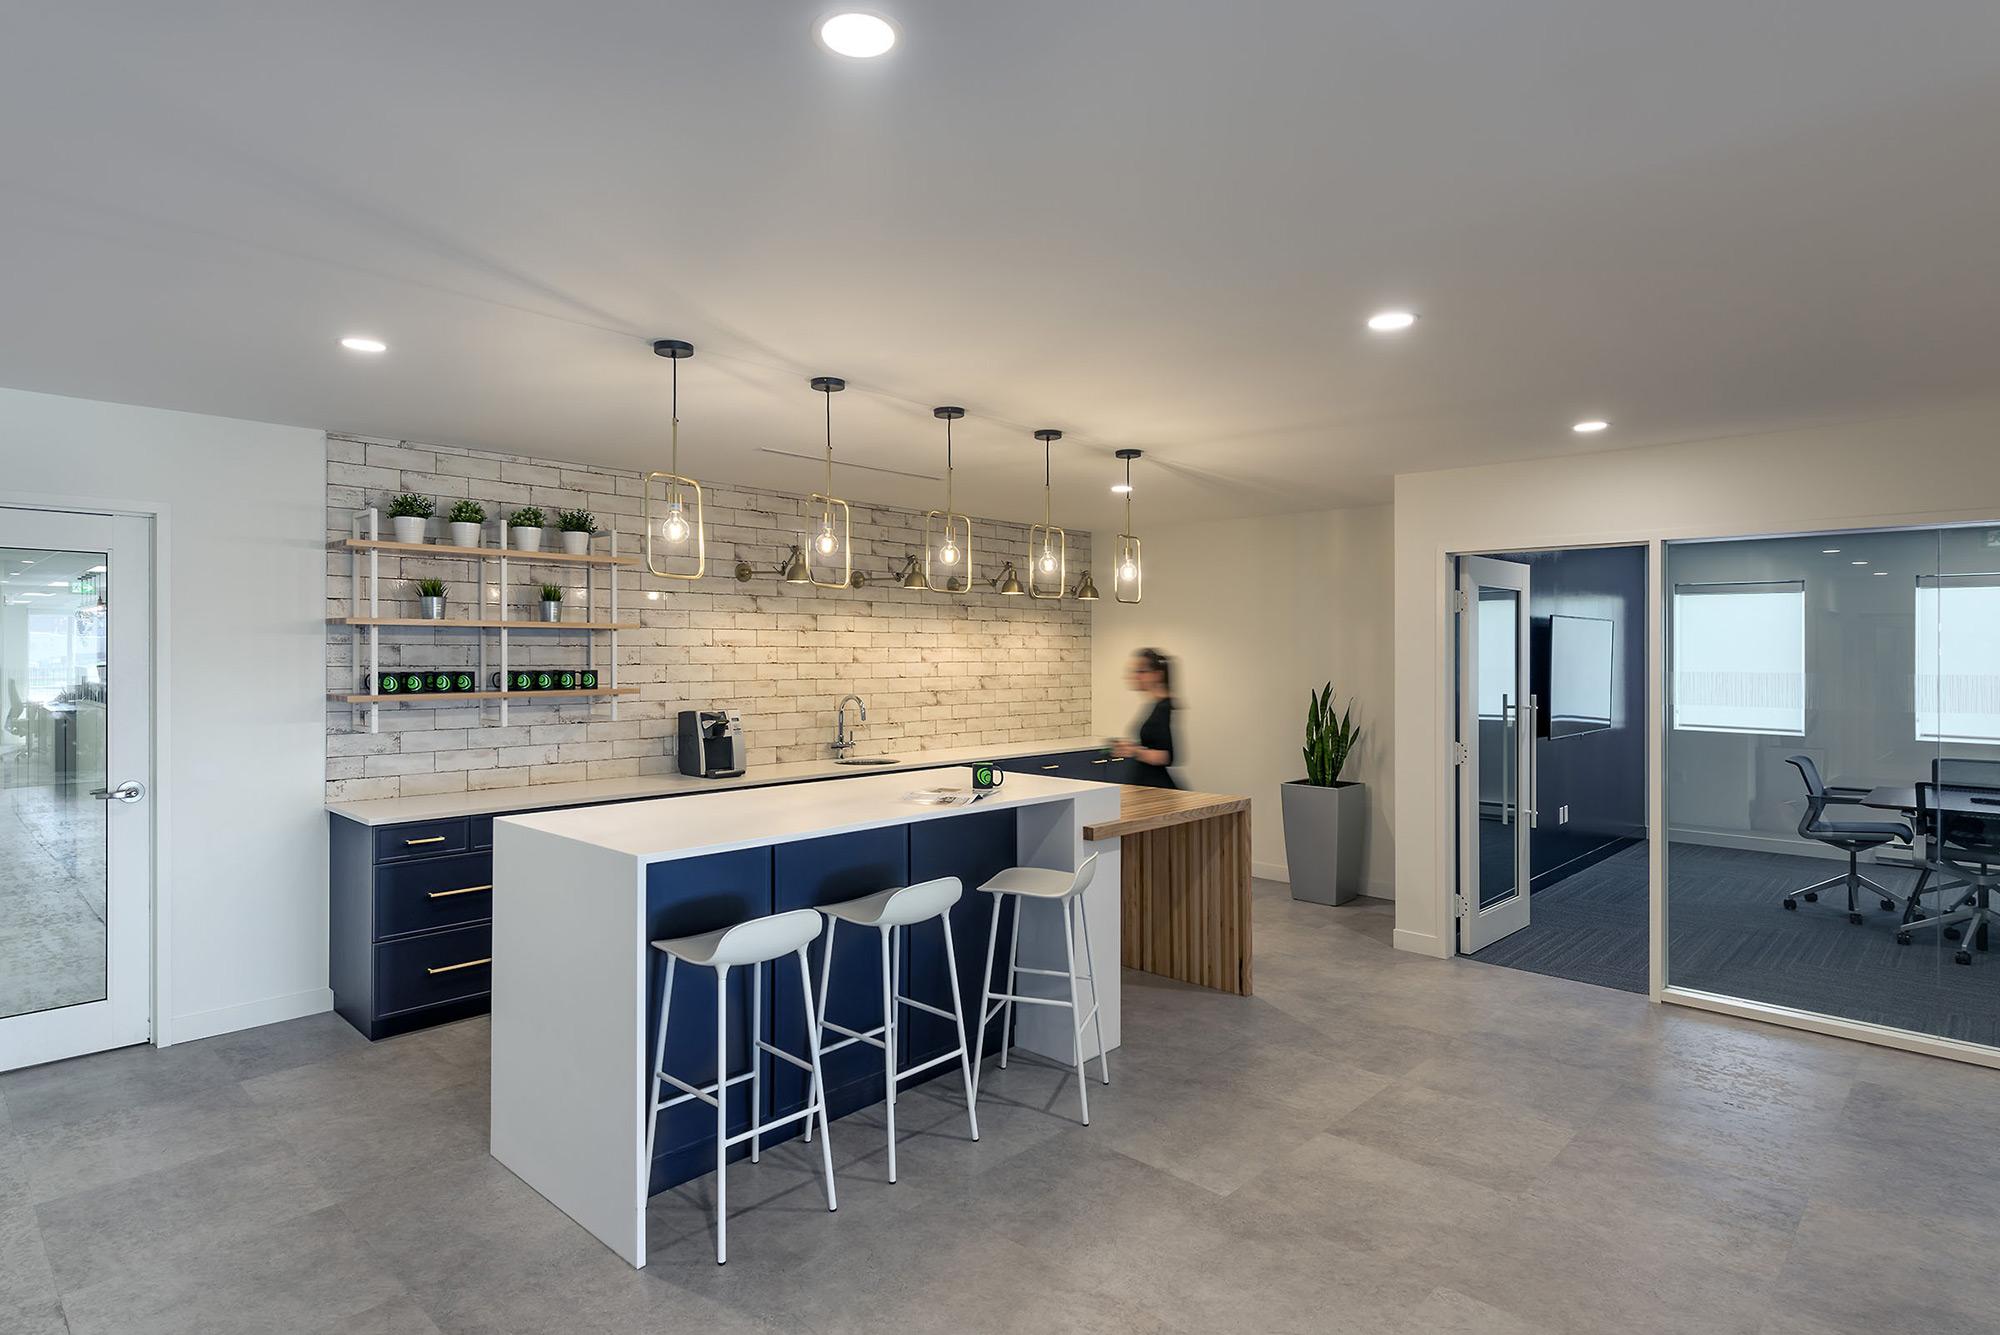 halifax-interior-design-financial-office-kitchenette.jpg